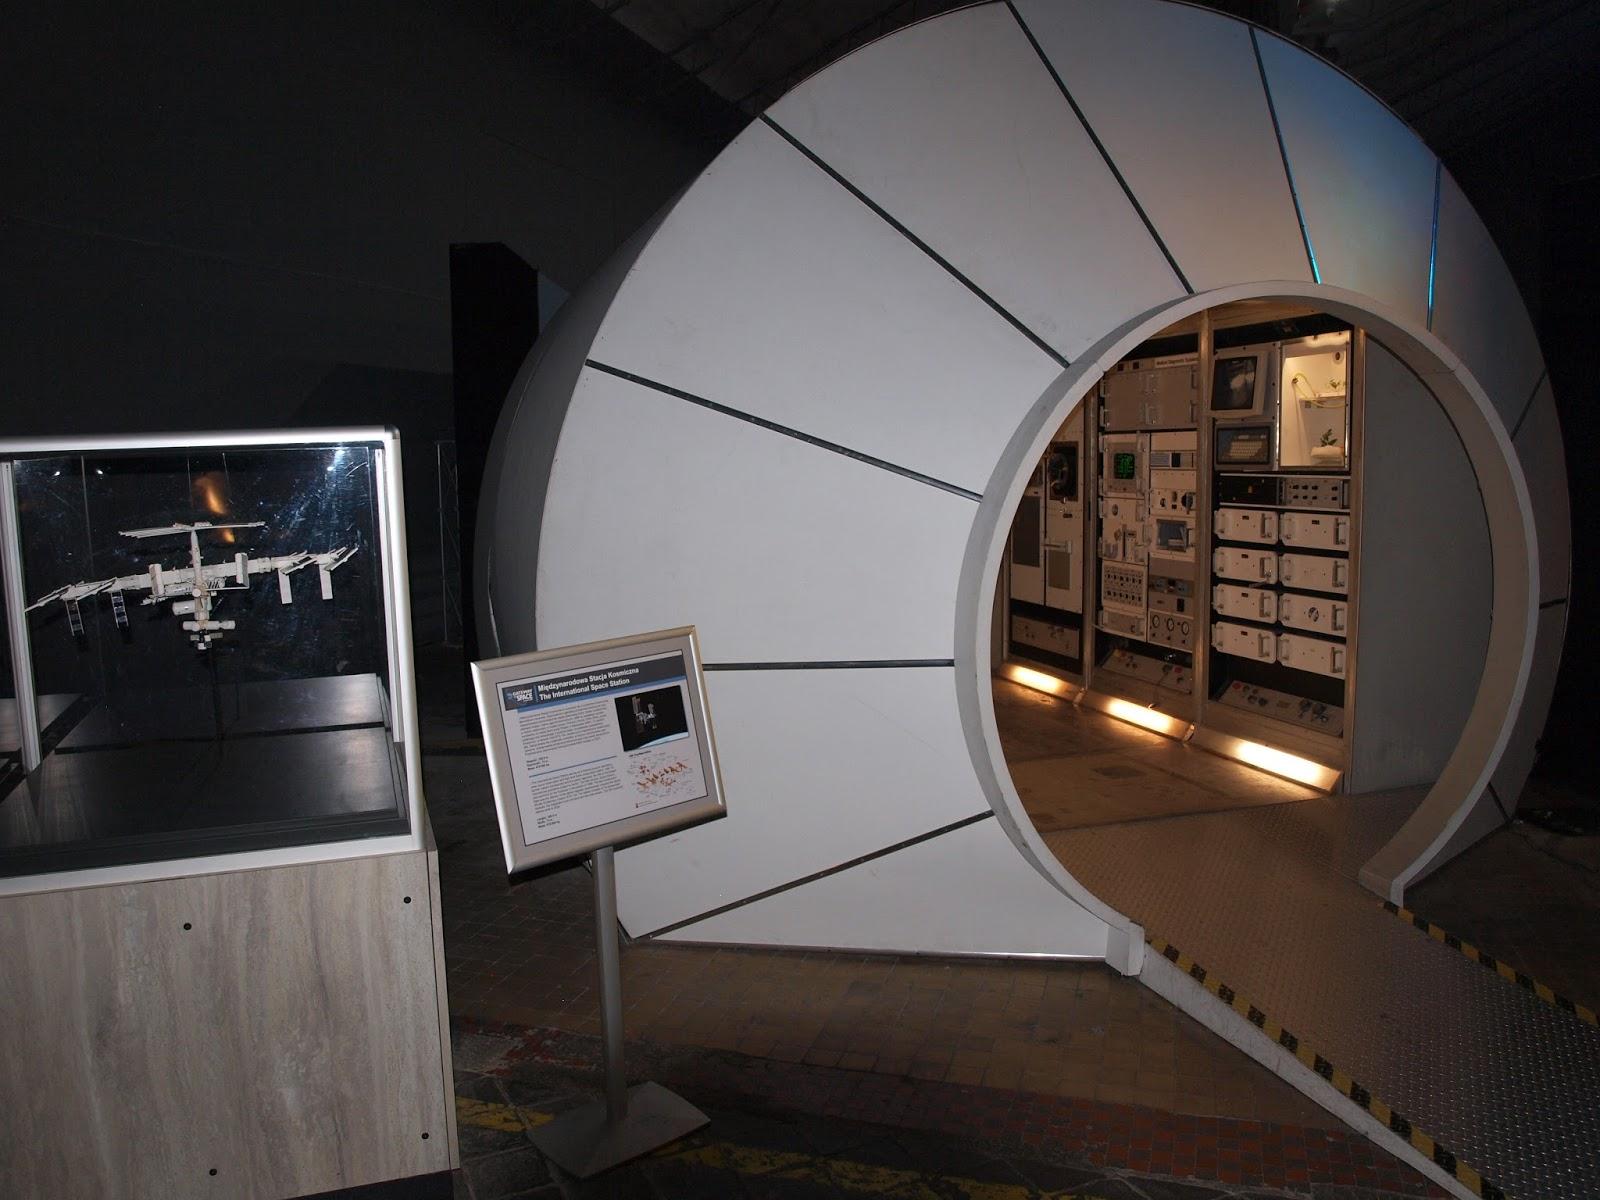 Replika jednego z modułu ISS - laboratorium Destiny | Fot: polskiastrobloger.pl